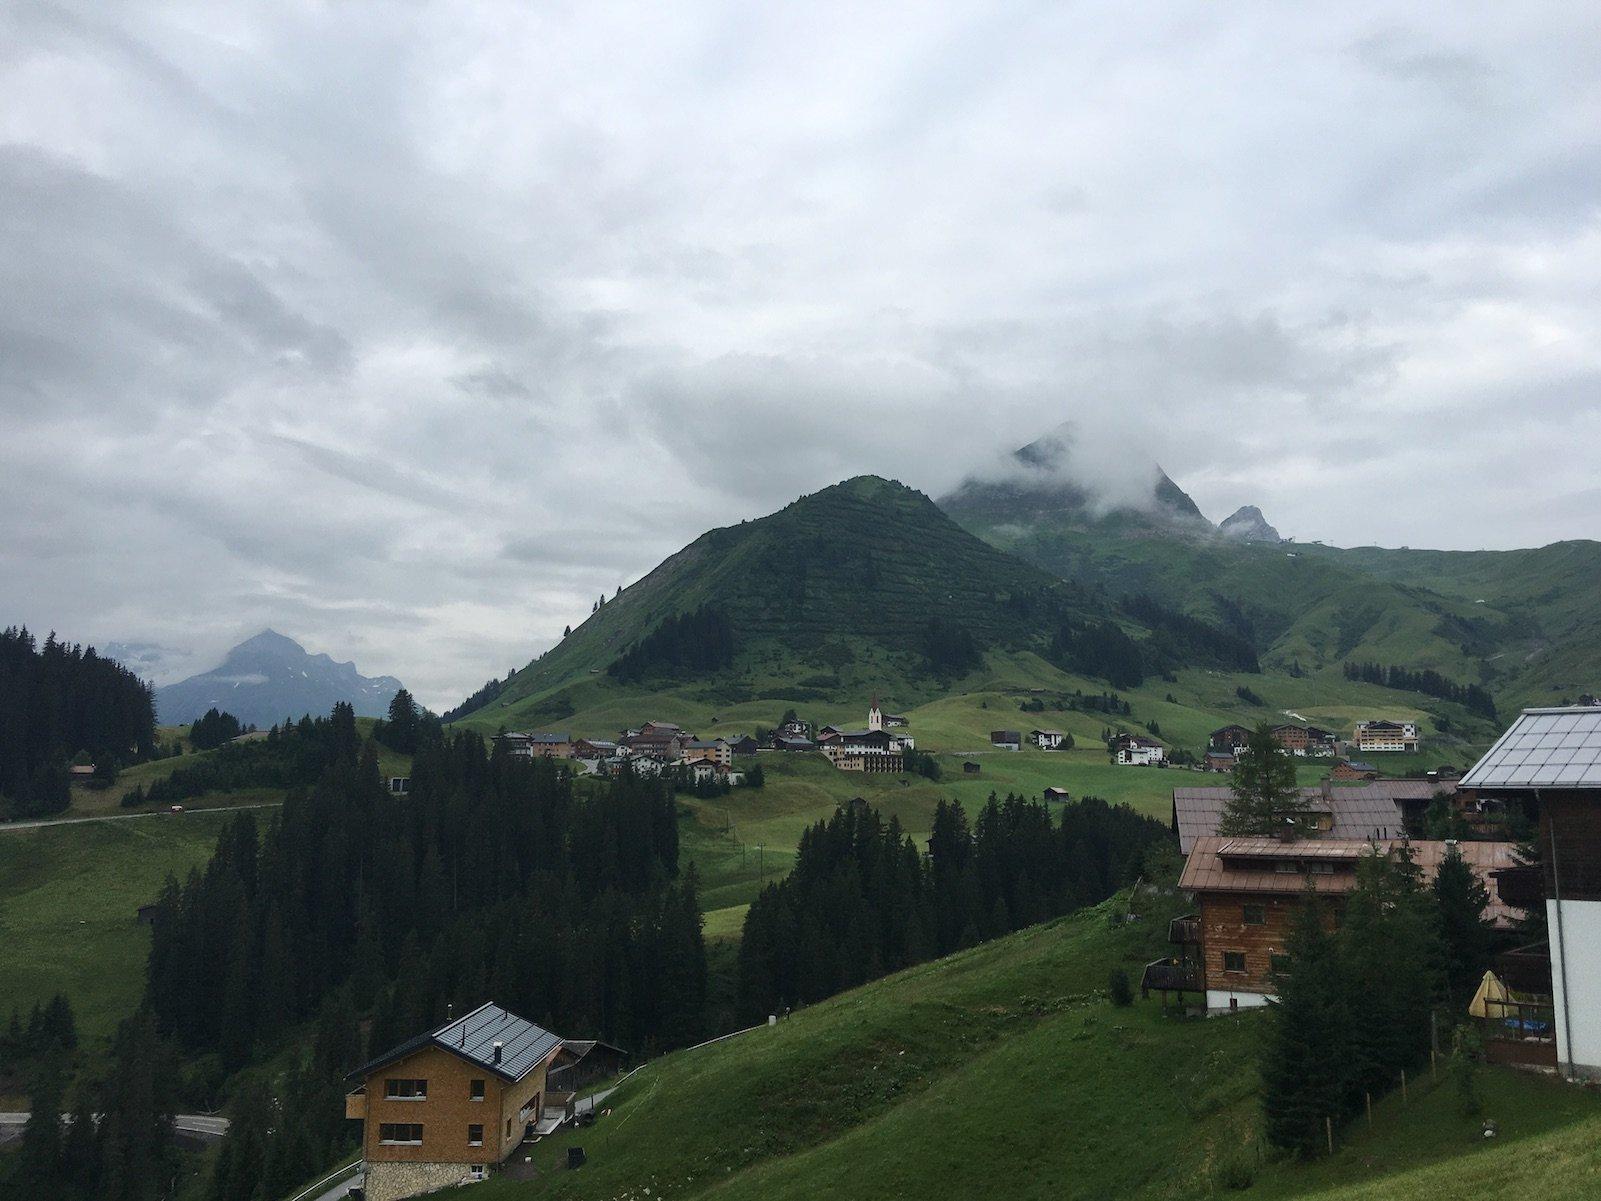 Ein Blick zurück in Richtung Warth auf dem Lechweg kurz nach dem Gehrnerhof